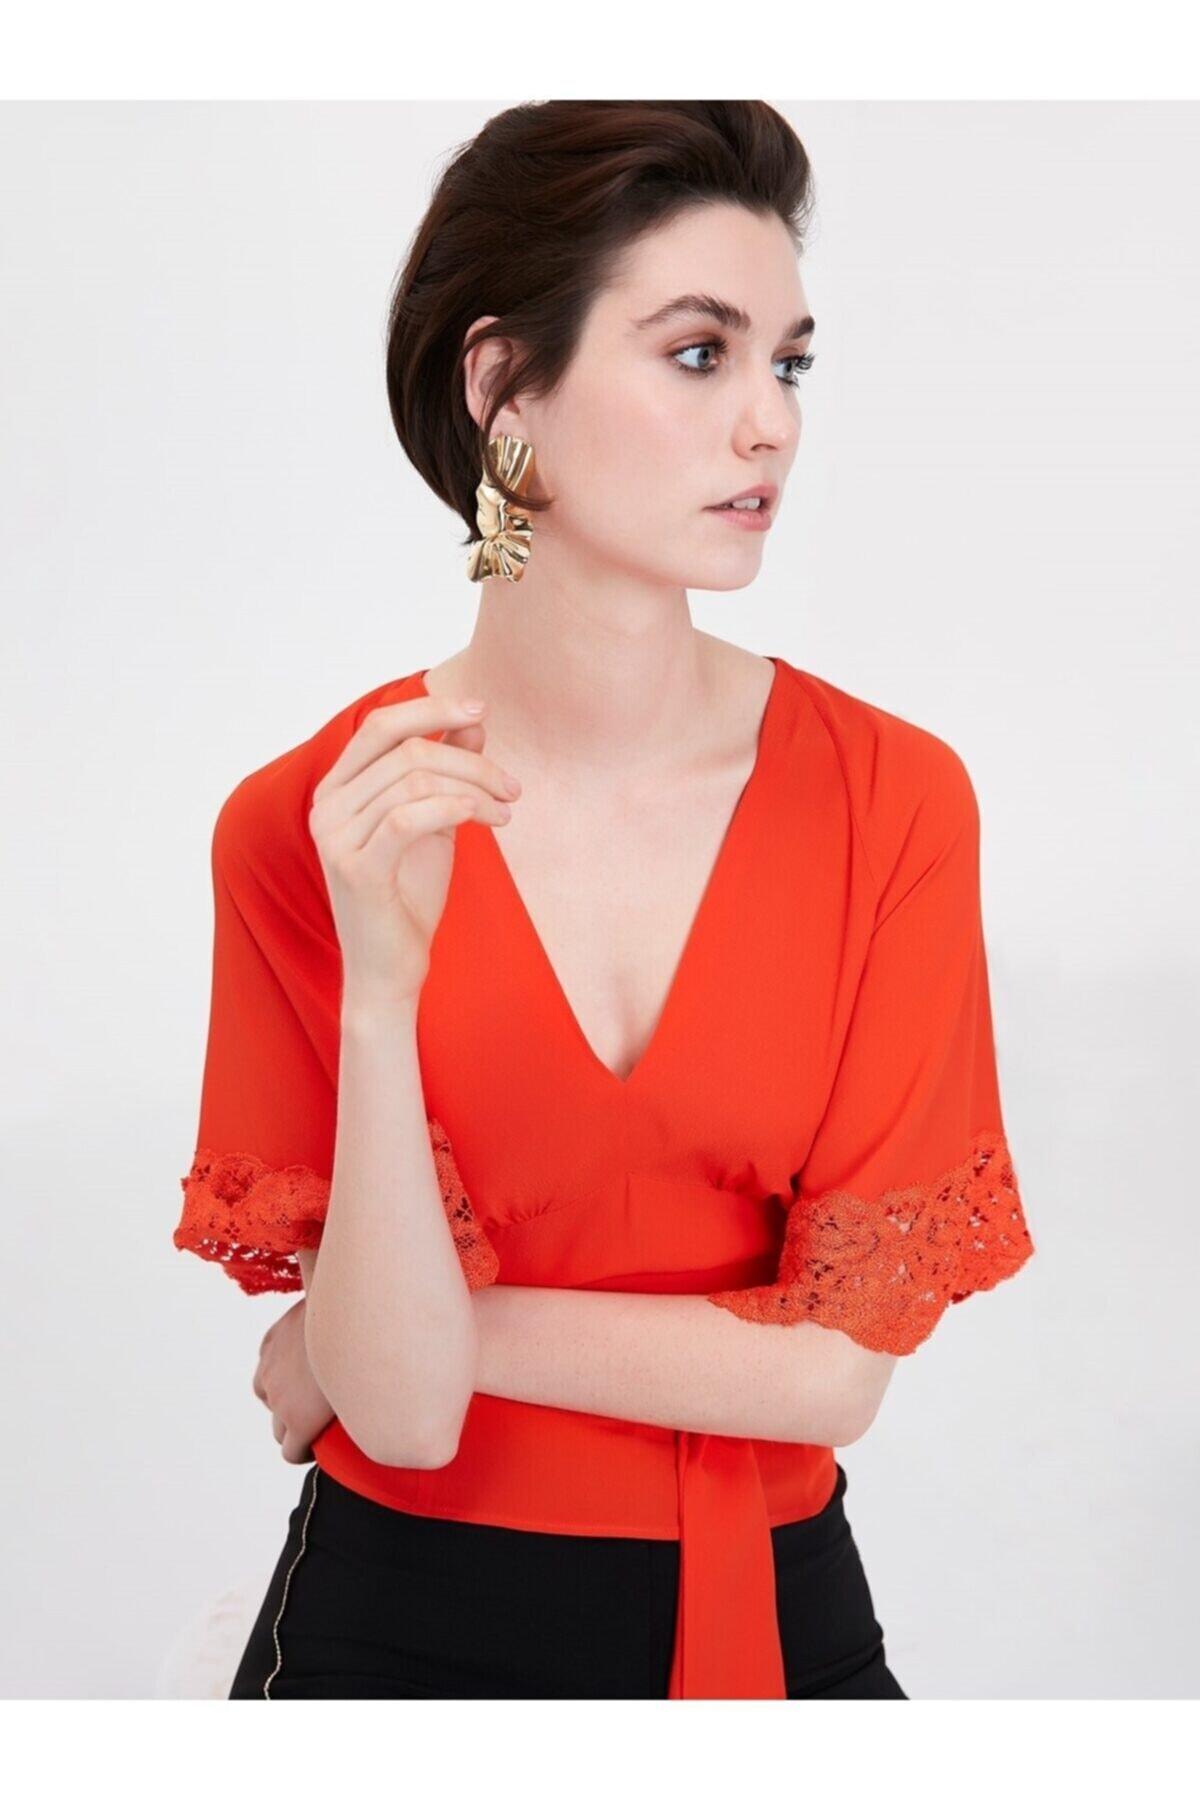 İpekyol Kadın Bluz - Turuncu 1